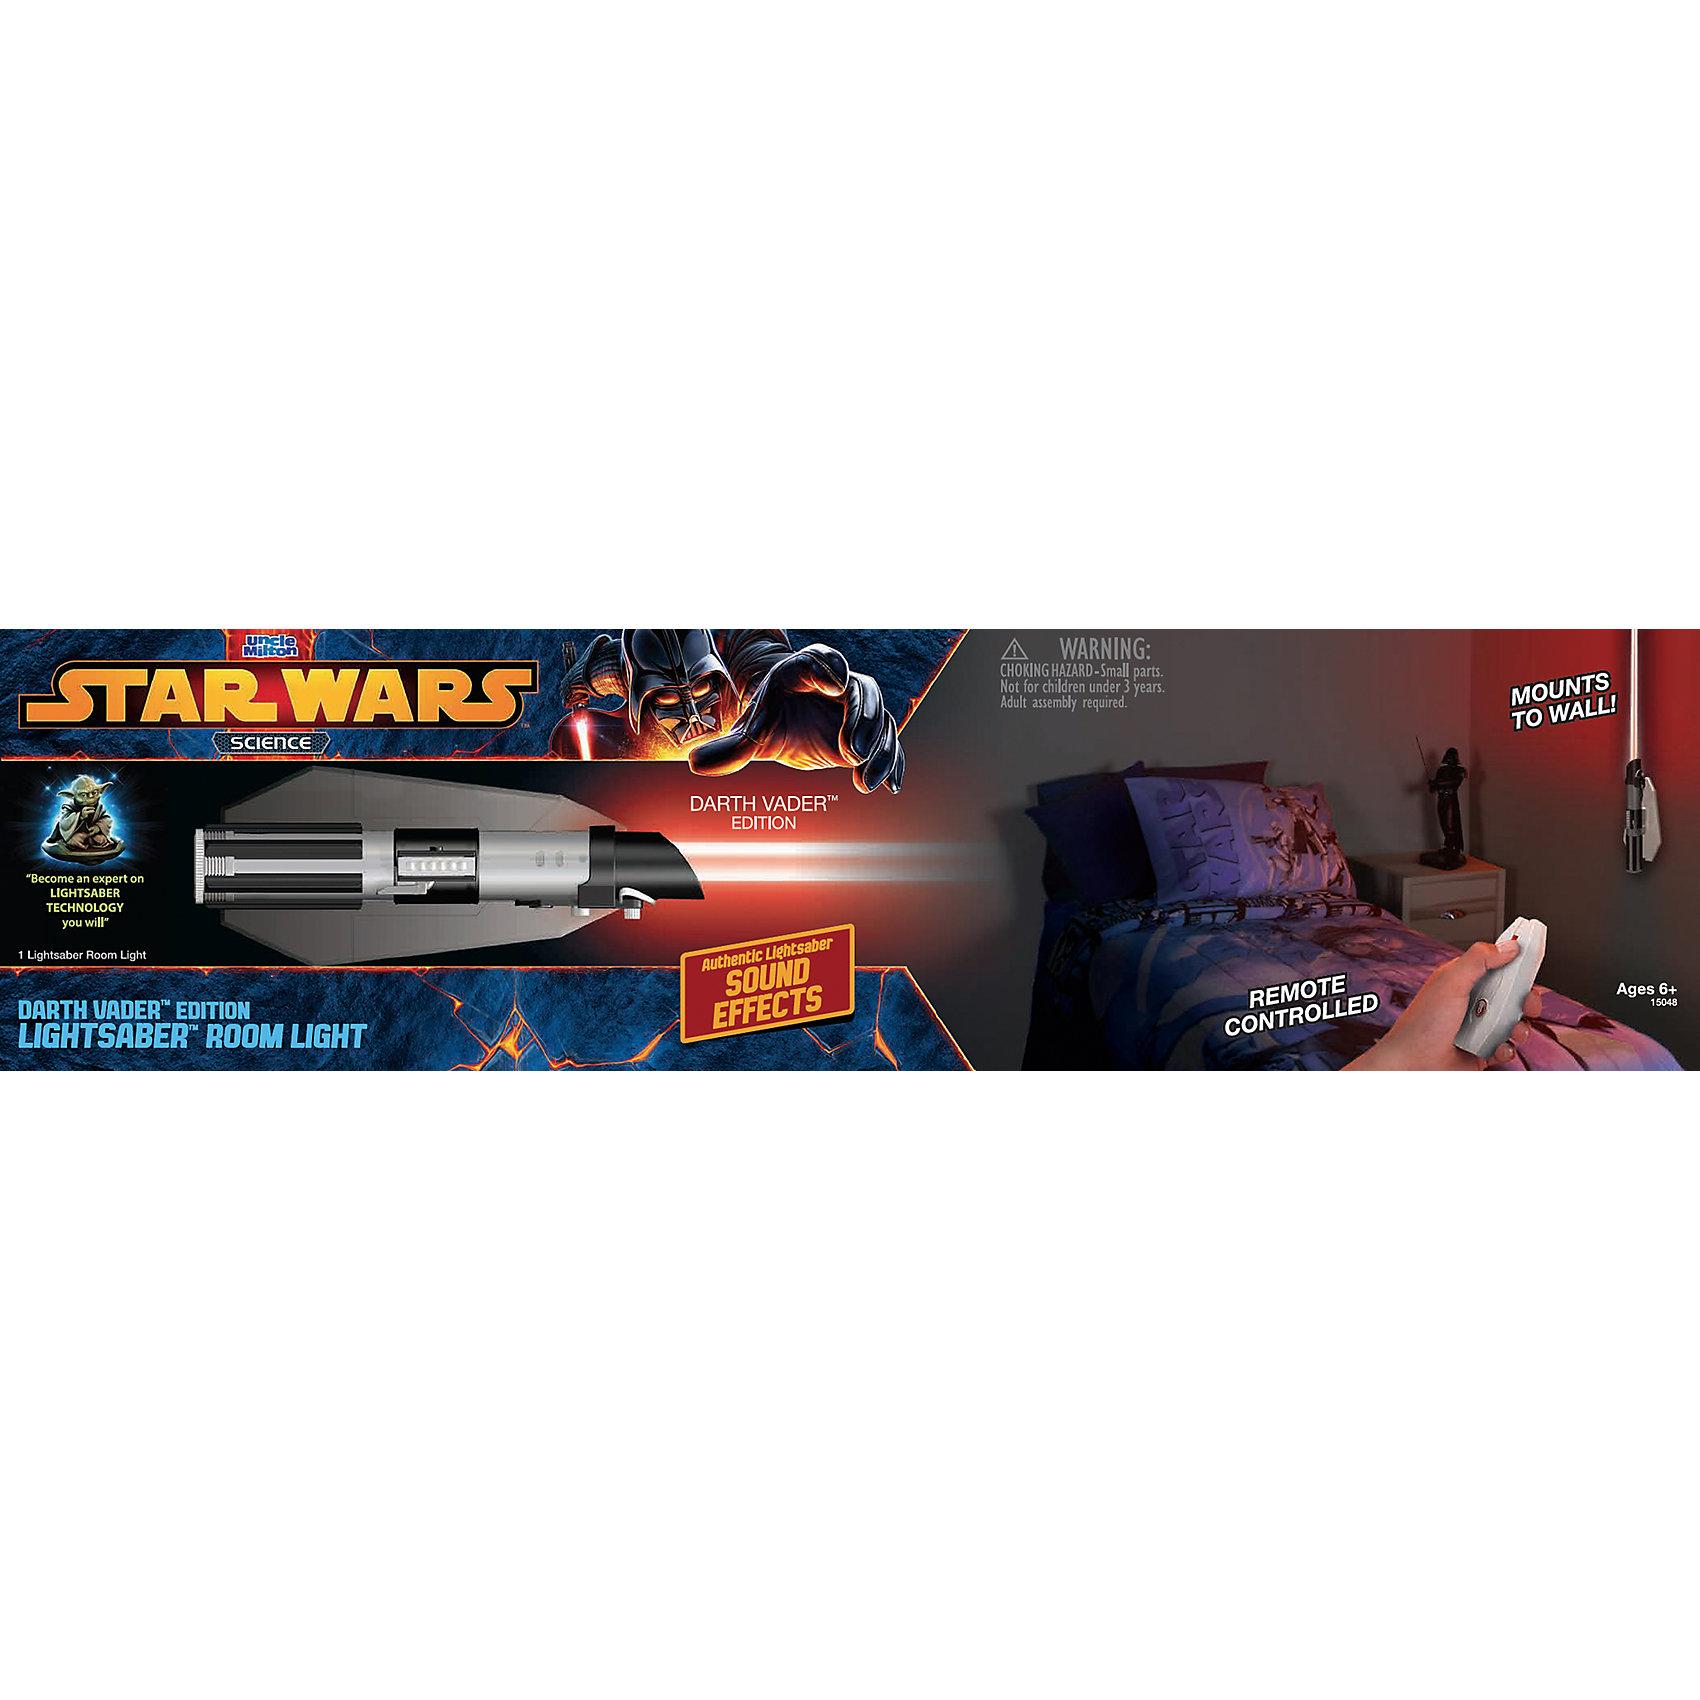 Световой меч-светильник Дарта Вейдера, Звёздные войныСветовой меч-светильник Дарта Вейдера, Звёздные войны - это световой меч ситха, который можно использовать в качестве ночника.<br>Меч-светильник в точности копирует световой меч Дарта Вейдера - и своим размером, и внешним видом. Меч собирается из нескольких элементов. В комплект входит крепление на стену, поместив меч в которое, он превращается в ночник, который будет освещать Вашу комнату, красным светом. Включать и выключать светильник можно, как нажимая кнопку непосредственно на нем самом, так и с помощью пульта на ИК управлении. При включении вы услышите те самые знаменитые звуки включения кино-мечей, которые невозможно не узнать и нельзя ни с чем перепутать.<br><br>Дополнительная информация:<br><br>- В наборе: детали меча, крепление на стену, пульт, инструкция<br>- Размер: 6 х 5,5 х 68 см.<br>- Материал: пластик, металл<br>- Батарейки: 5 x AAA / LR03 1.5V (в комплект не входят)<br>- Размер упаковки: 54 х 6,5 х 14 см.<br>- Вес: 532 гр.<br><br>Световой меч-светильник Дарта Вейдера, Звёздные войны можно купить в нашем интернет-магазине.<br><br>Ширина мм: 540<br>Глубина мм: 140<br>Высота мм: 65<br>Вес г: 532<br>Возраст от месяцев: 72<br>Возраст до месяцев: 144<br>Пол: Мужской<br>Возраст: Детский<br>SKU: 4401539